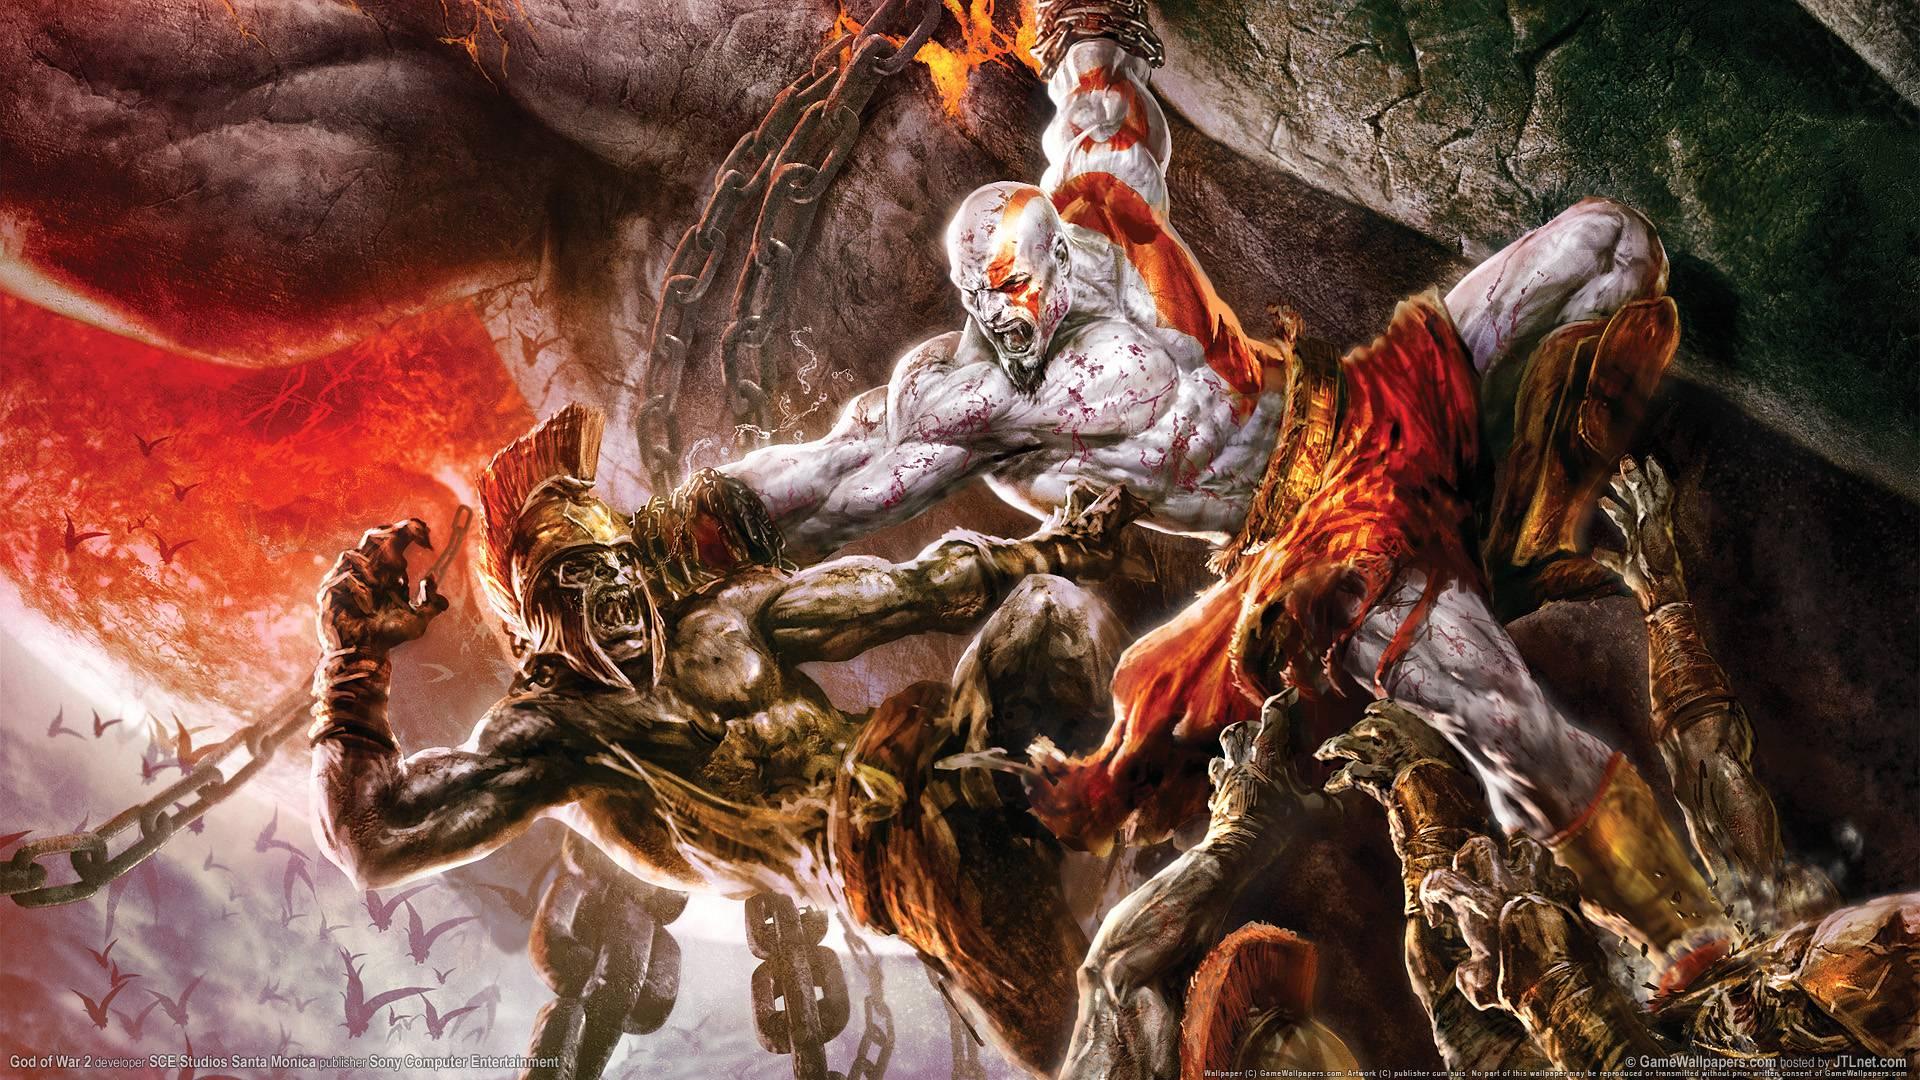 God Of War Hd Wallpapers Wallpaper Cave